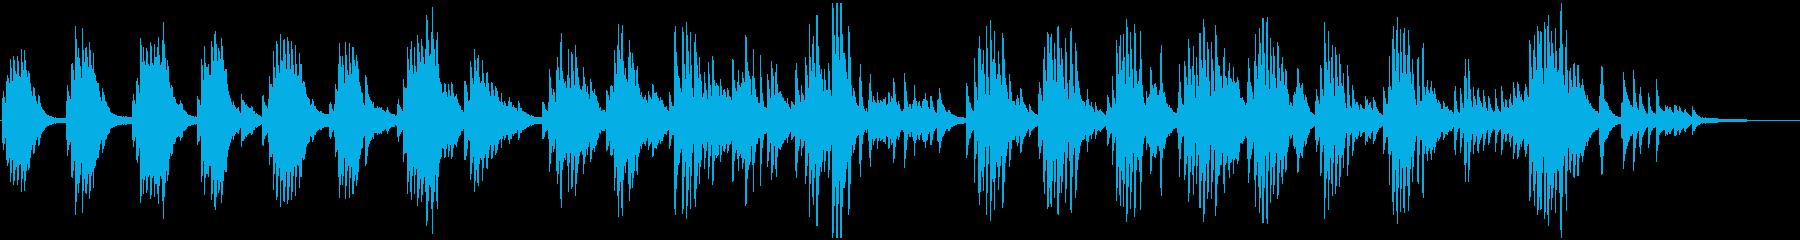 落ち着いた雰囲気のピアノソナタの再生済みの波形